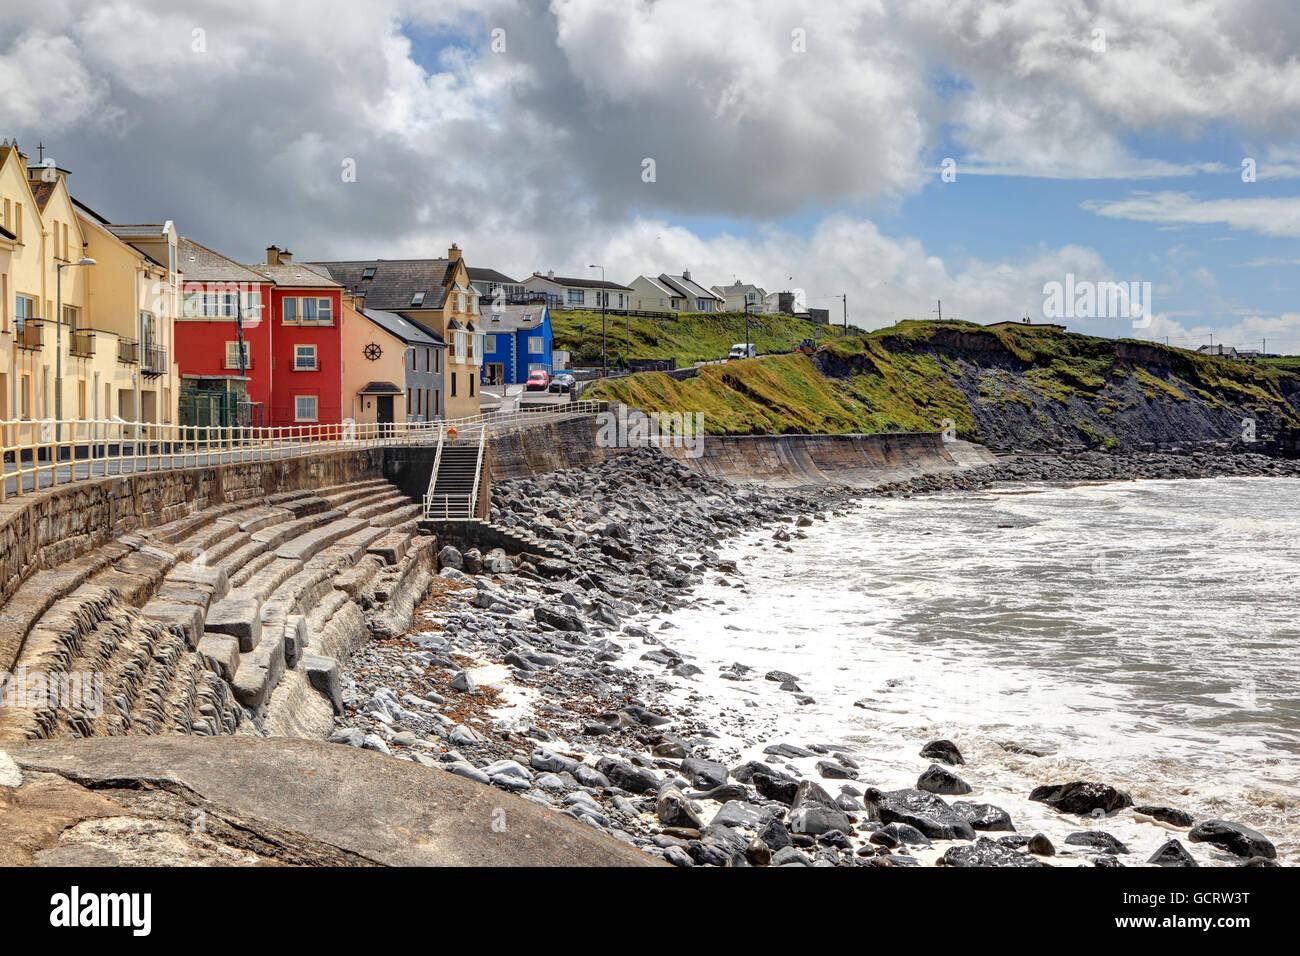 Lahinch, Ireland - Stock Image